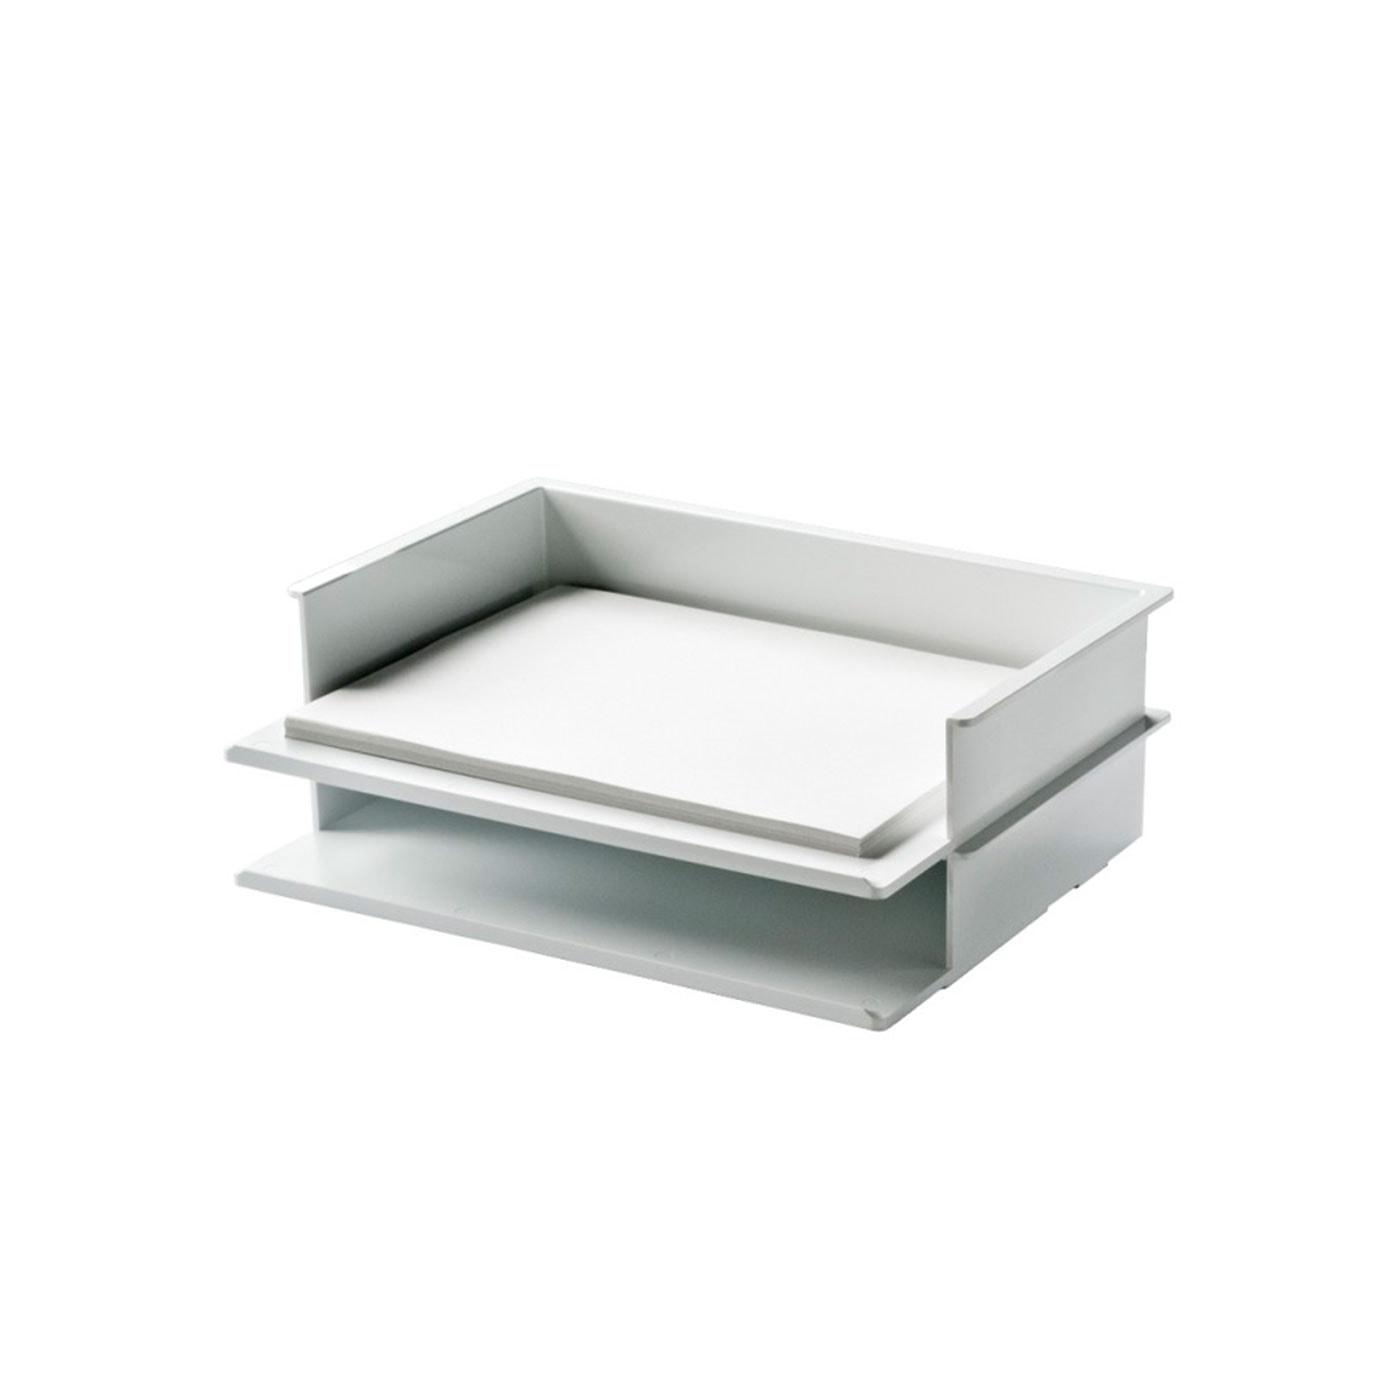 Standard vaschetta laterale